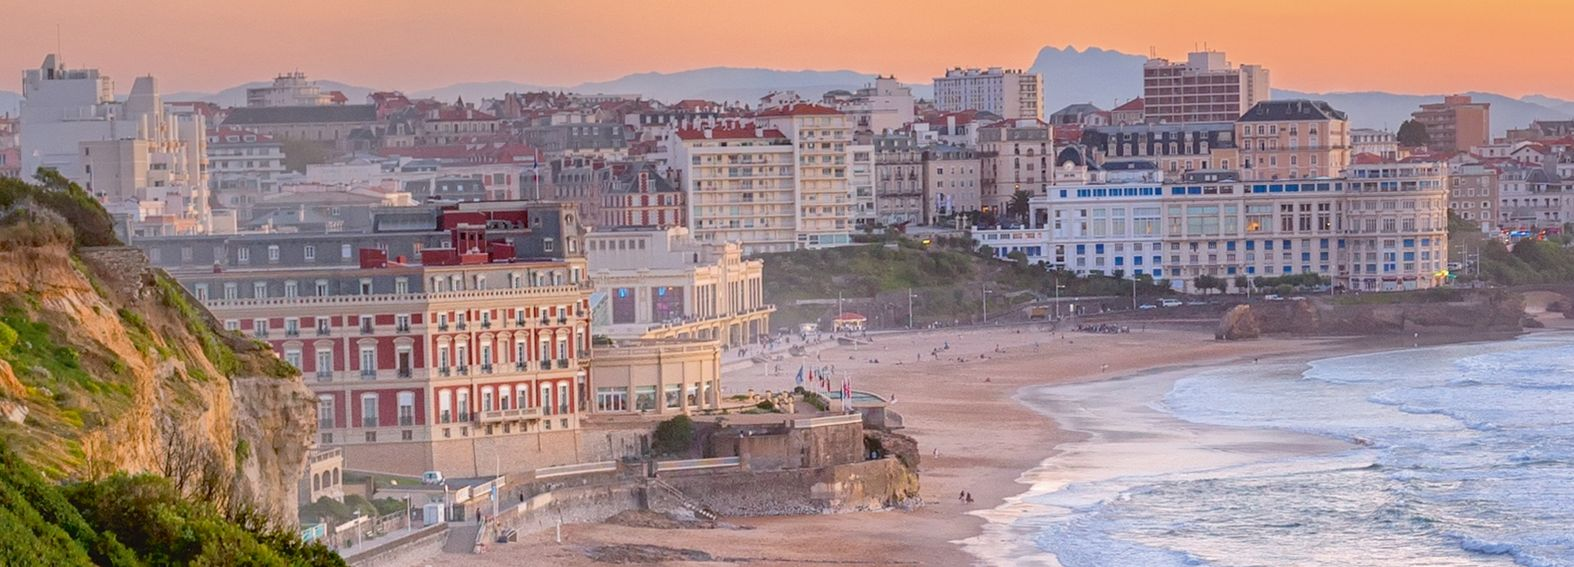 Biarritz (Côte d'Atlantique)